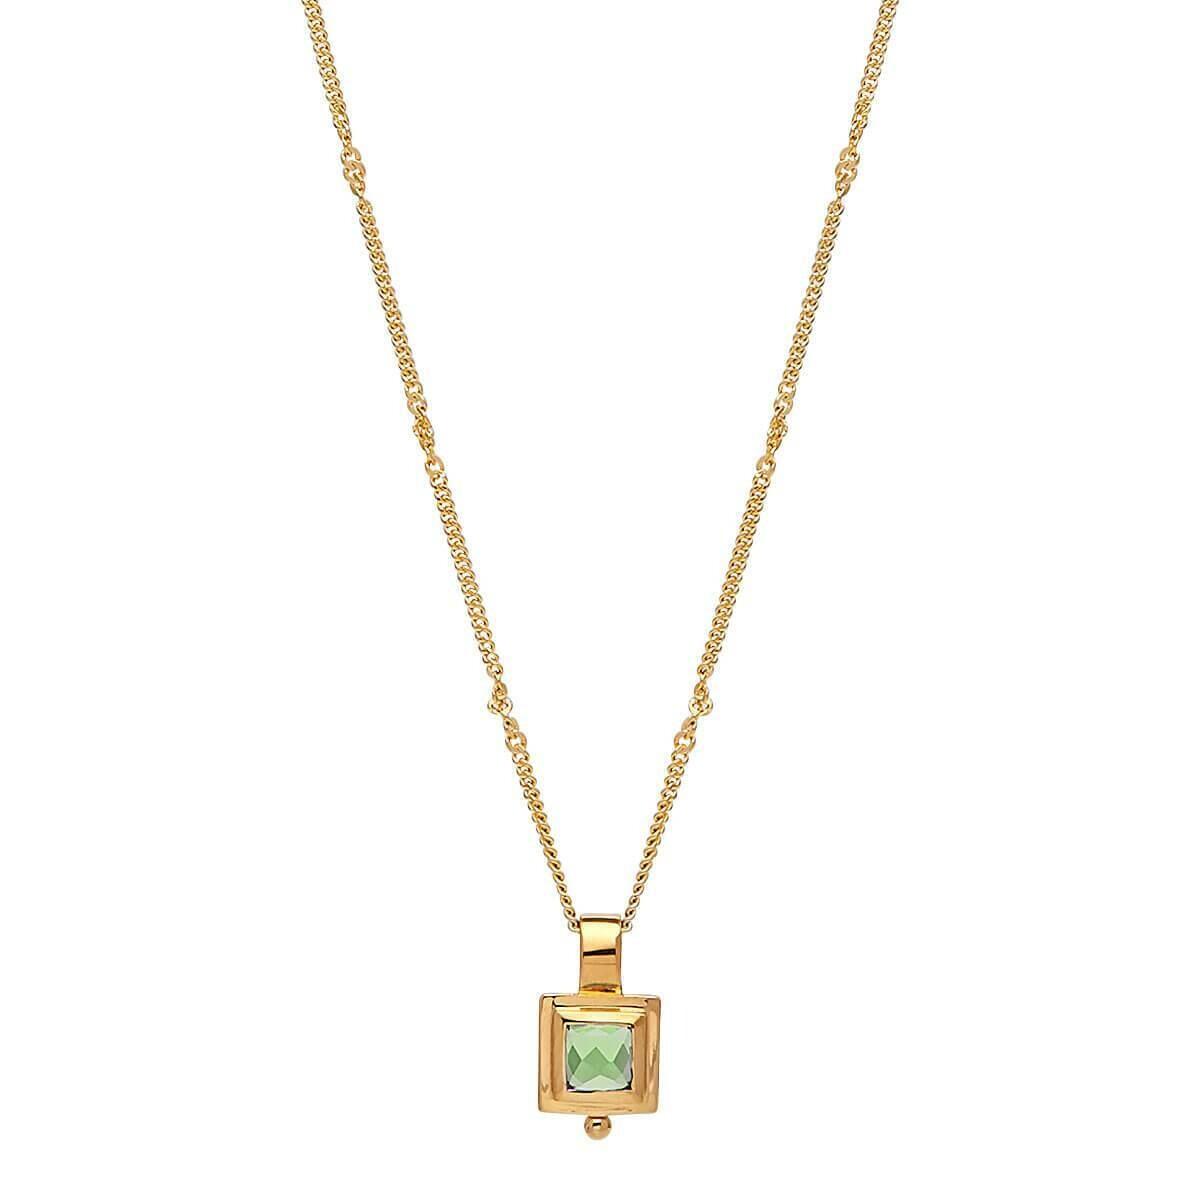 Najo - Desire Square Peridot Necklace